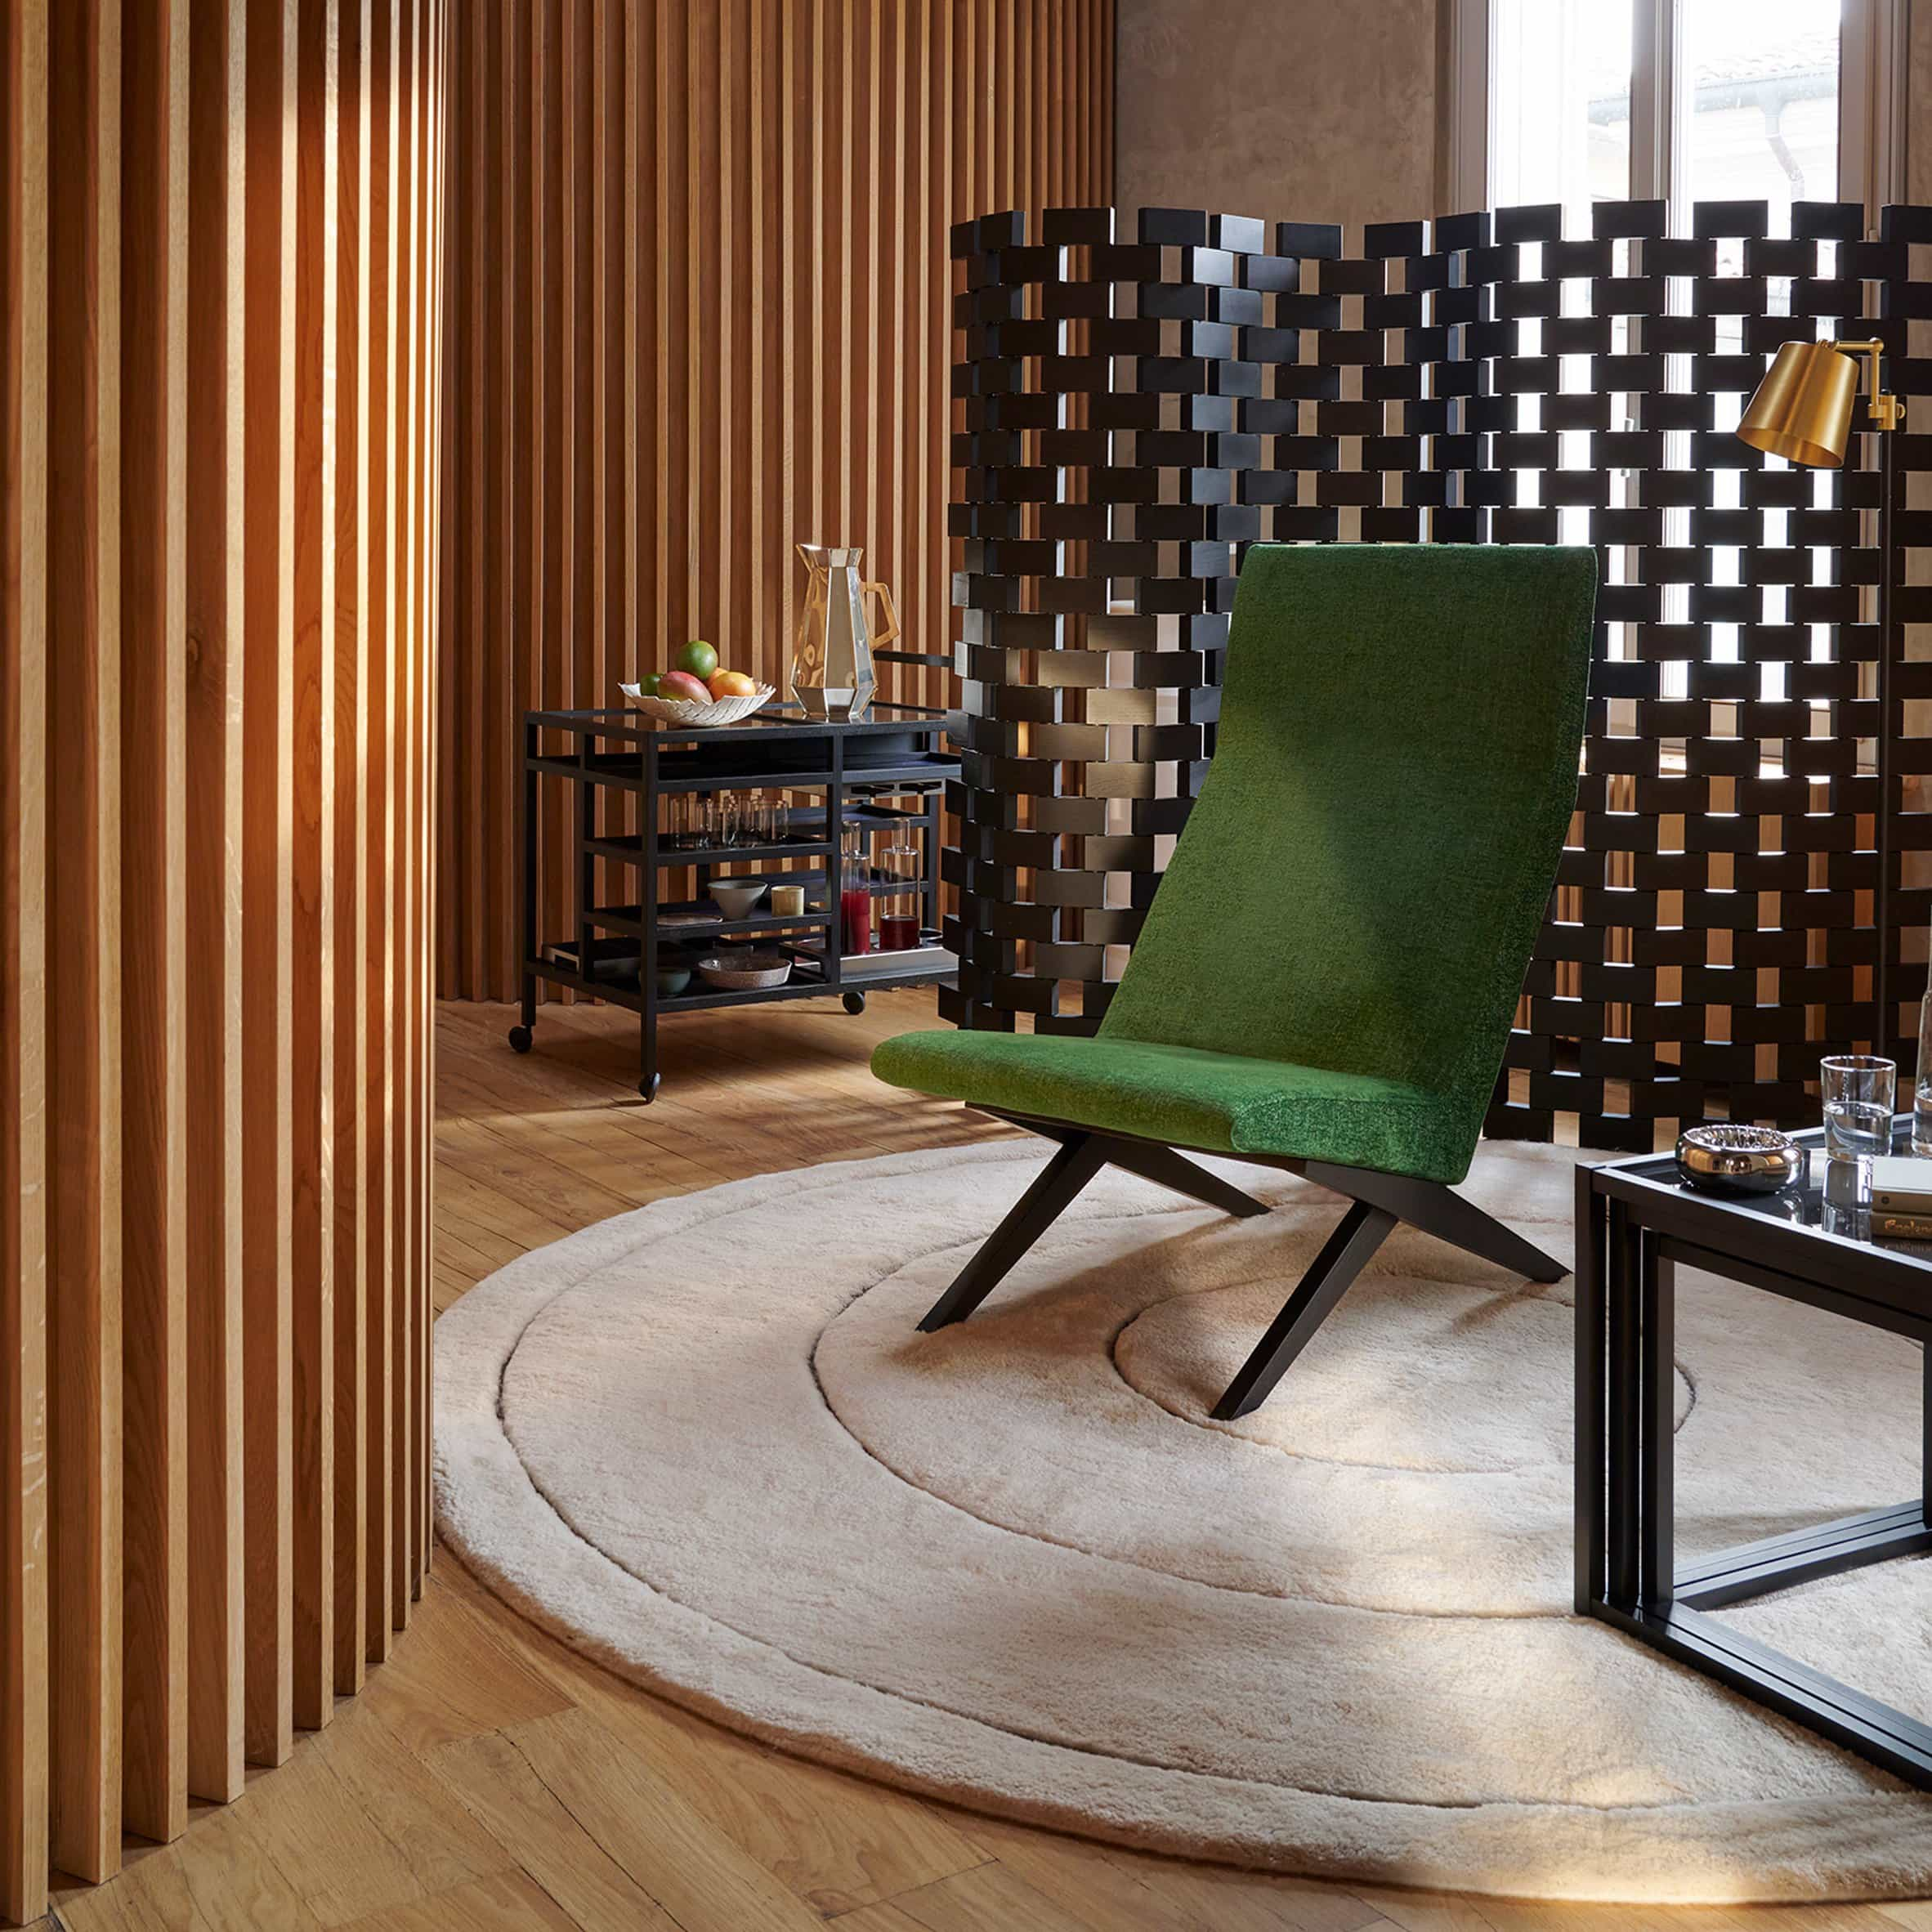 Pantalla Paravent Ambassade de Charlotte Perriand detrás de una silla verde